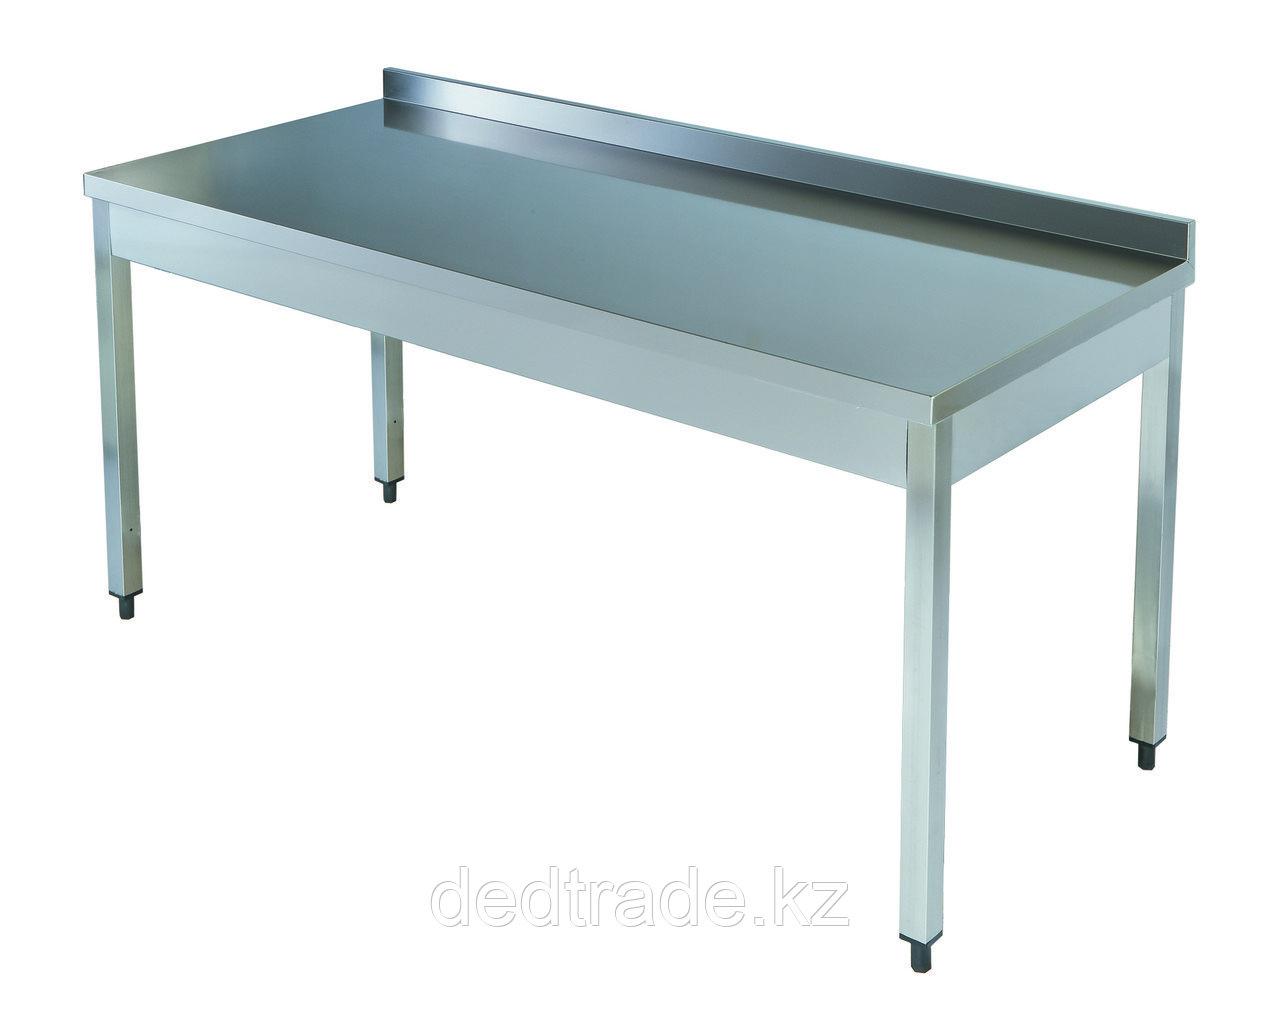 Рабочий стол без полки нержавеющая сталь Размеры 1200*600*850 мм